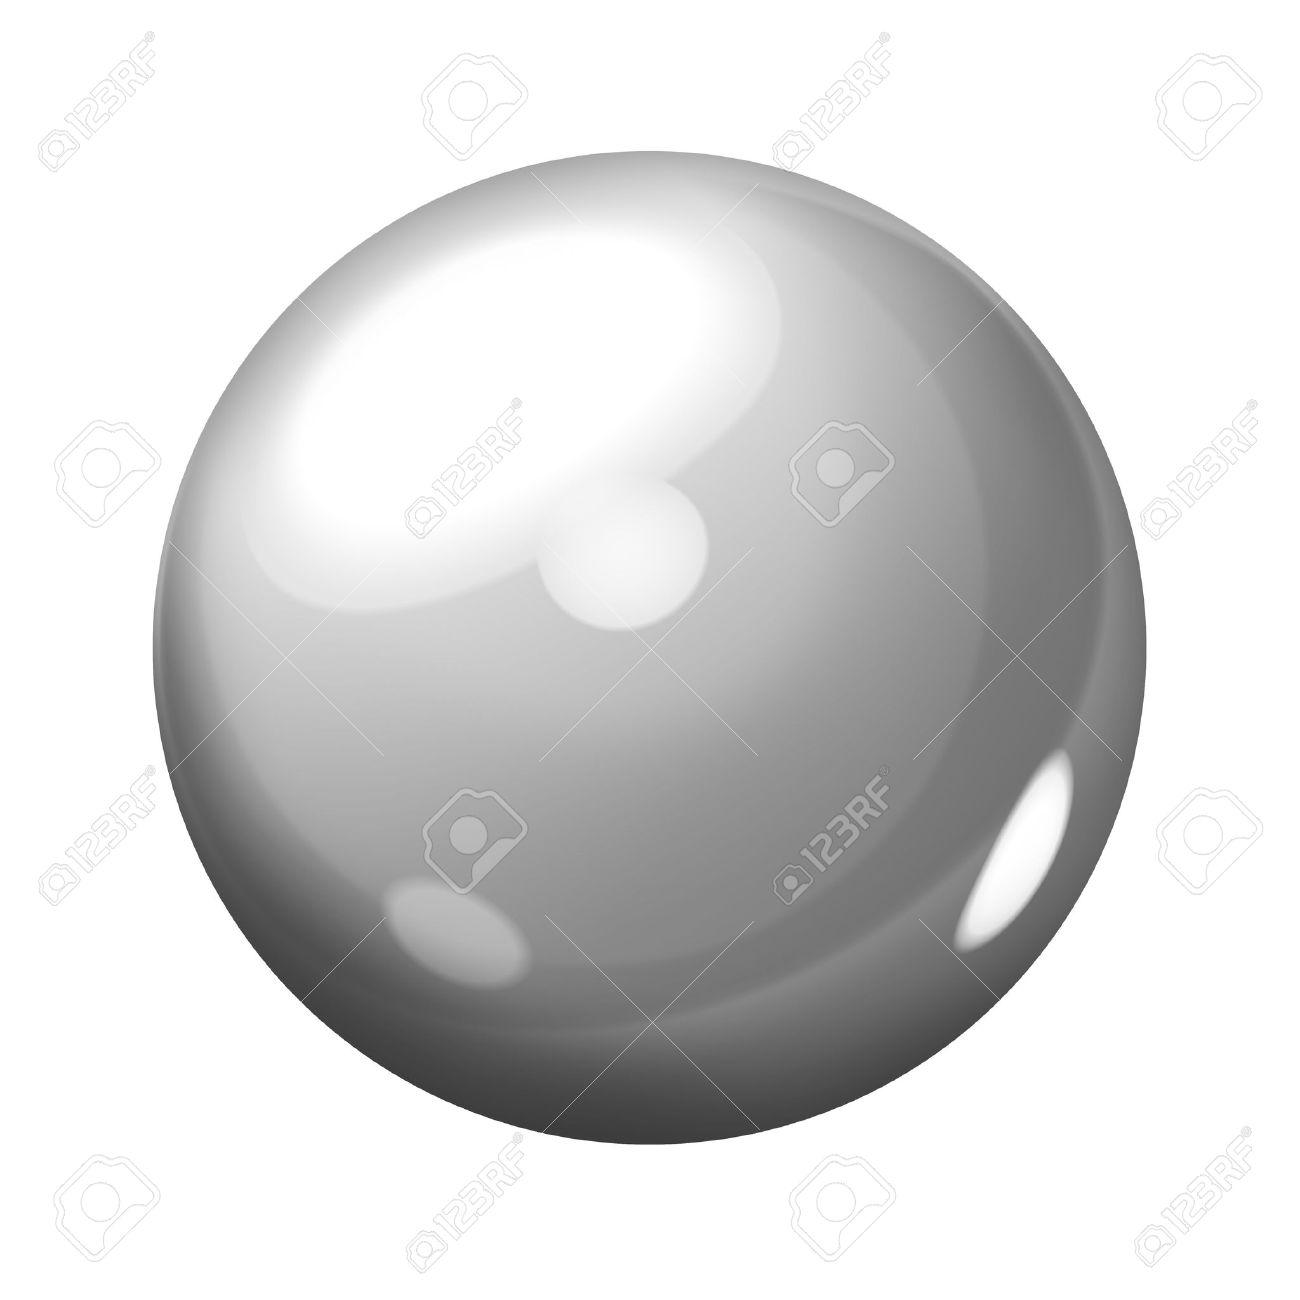 Gray sphere Stock Photo - 9166619